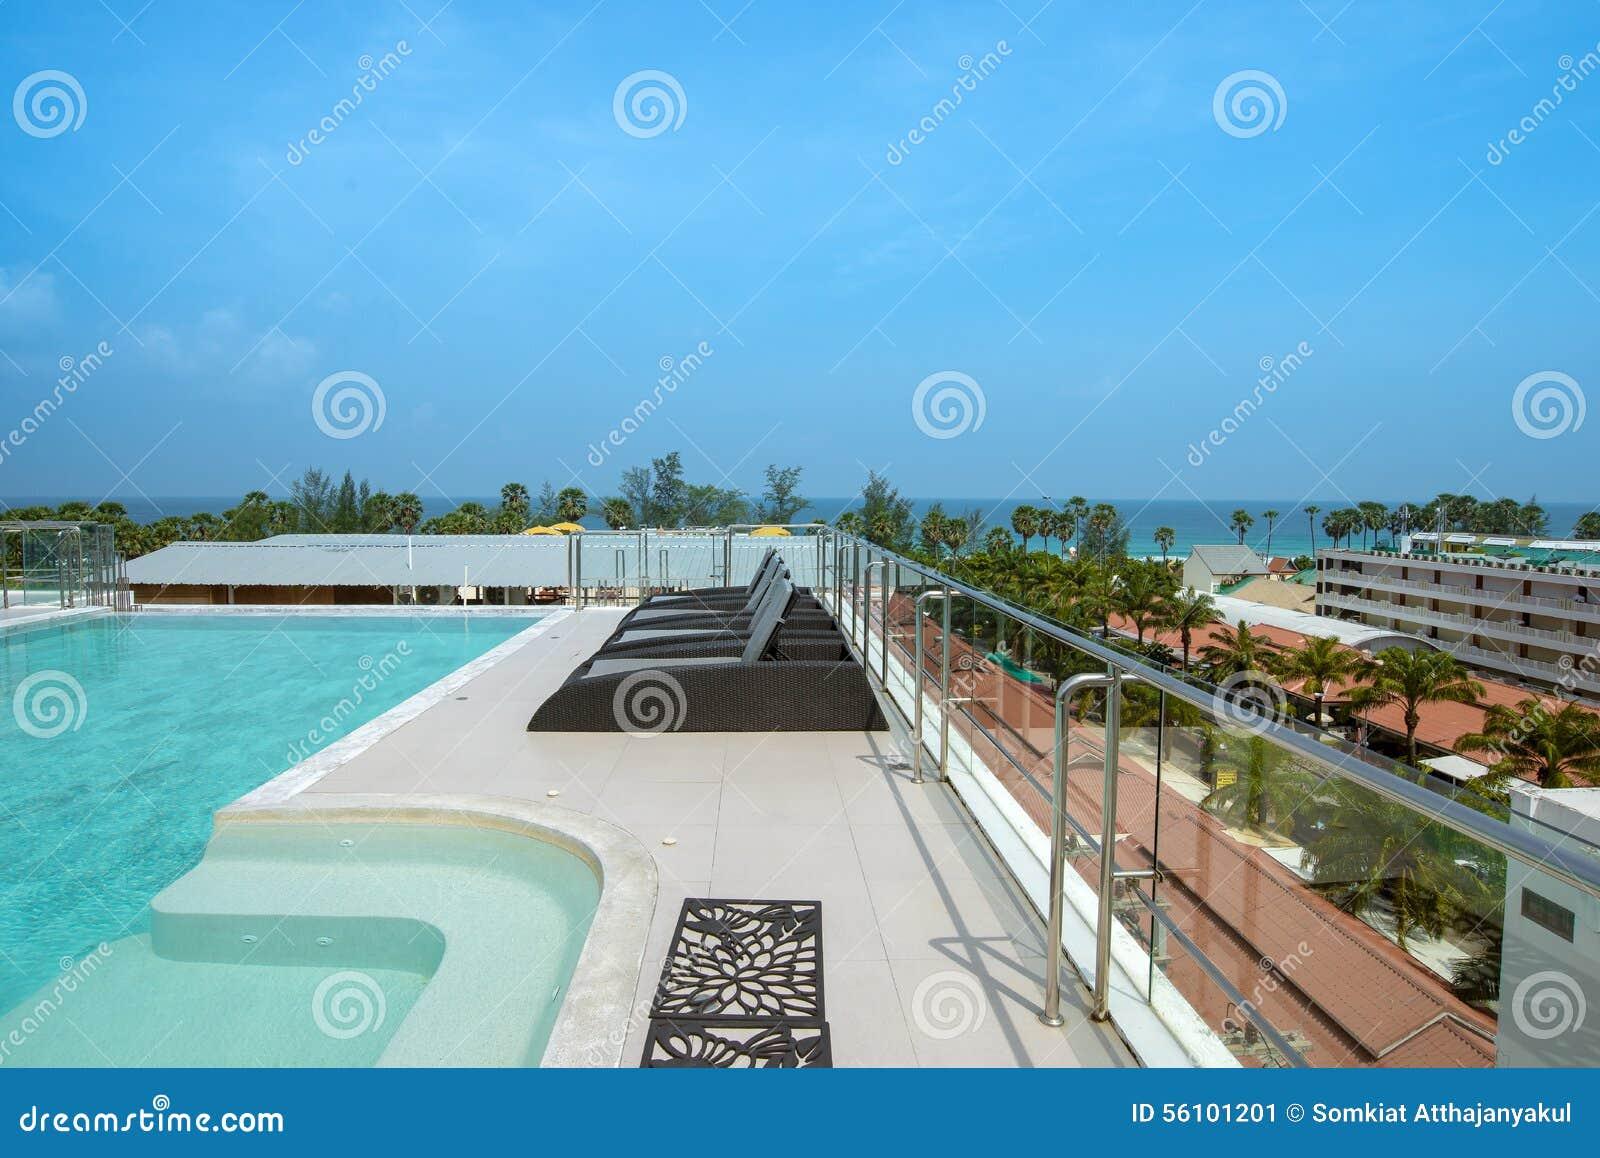 För pölsunbeds för hotell lyxigt simma